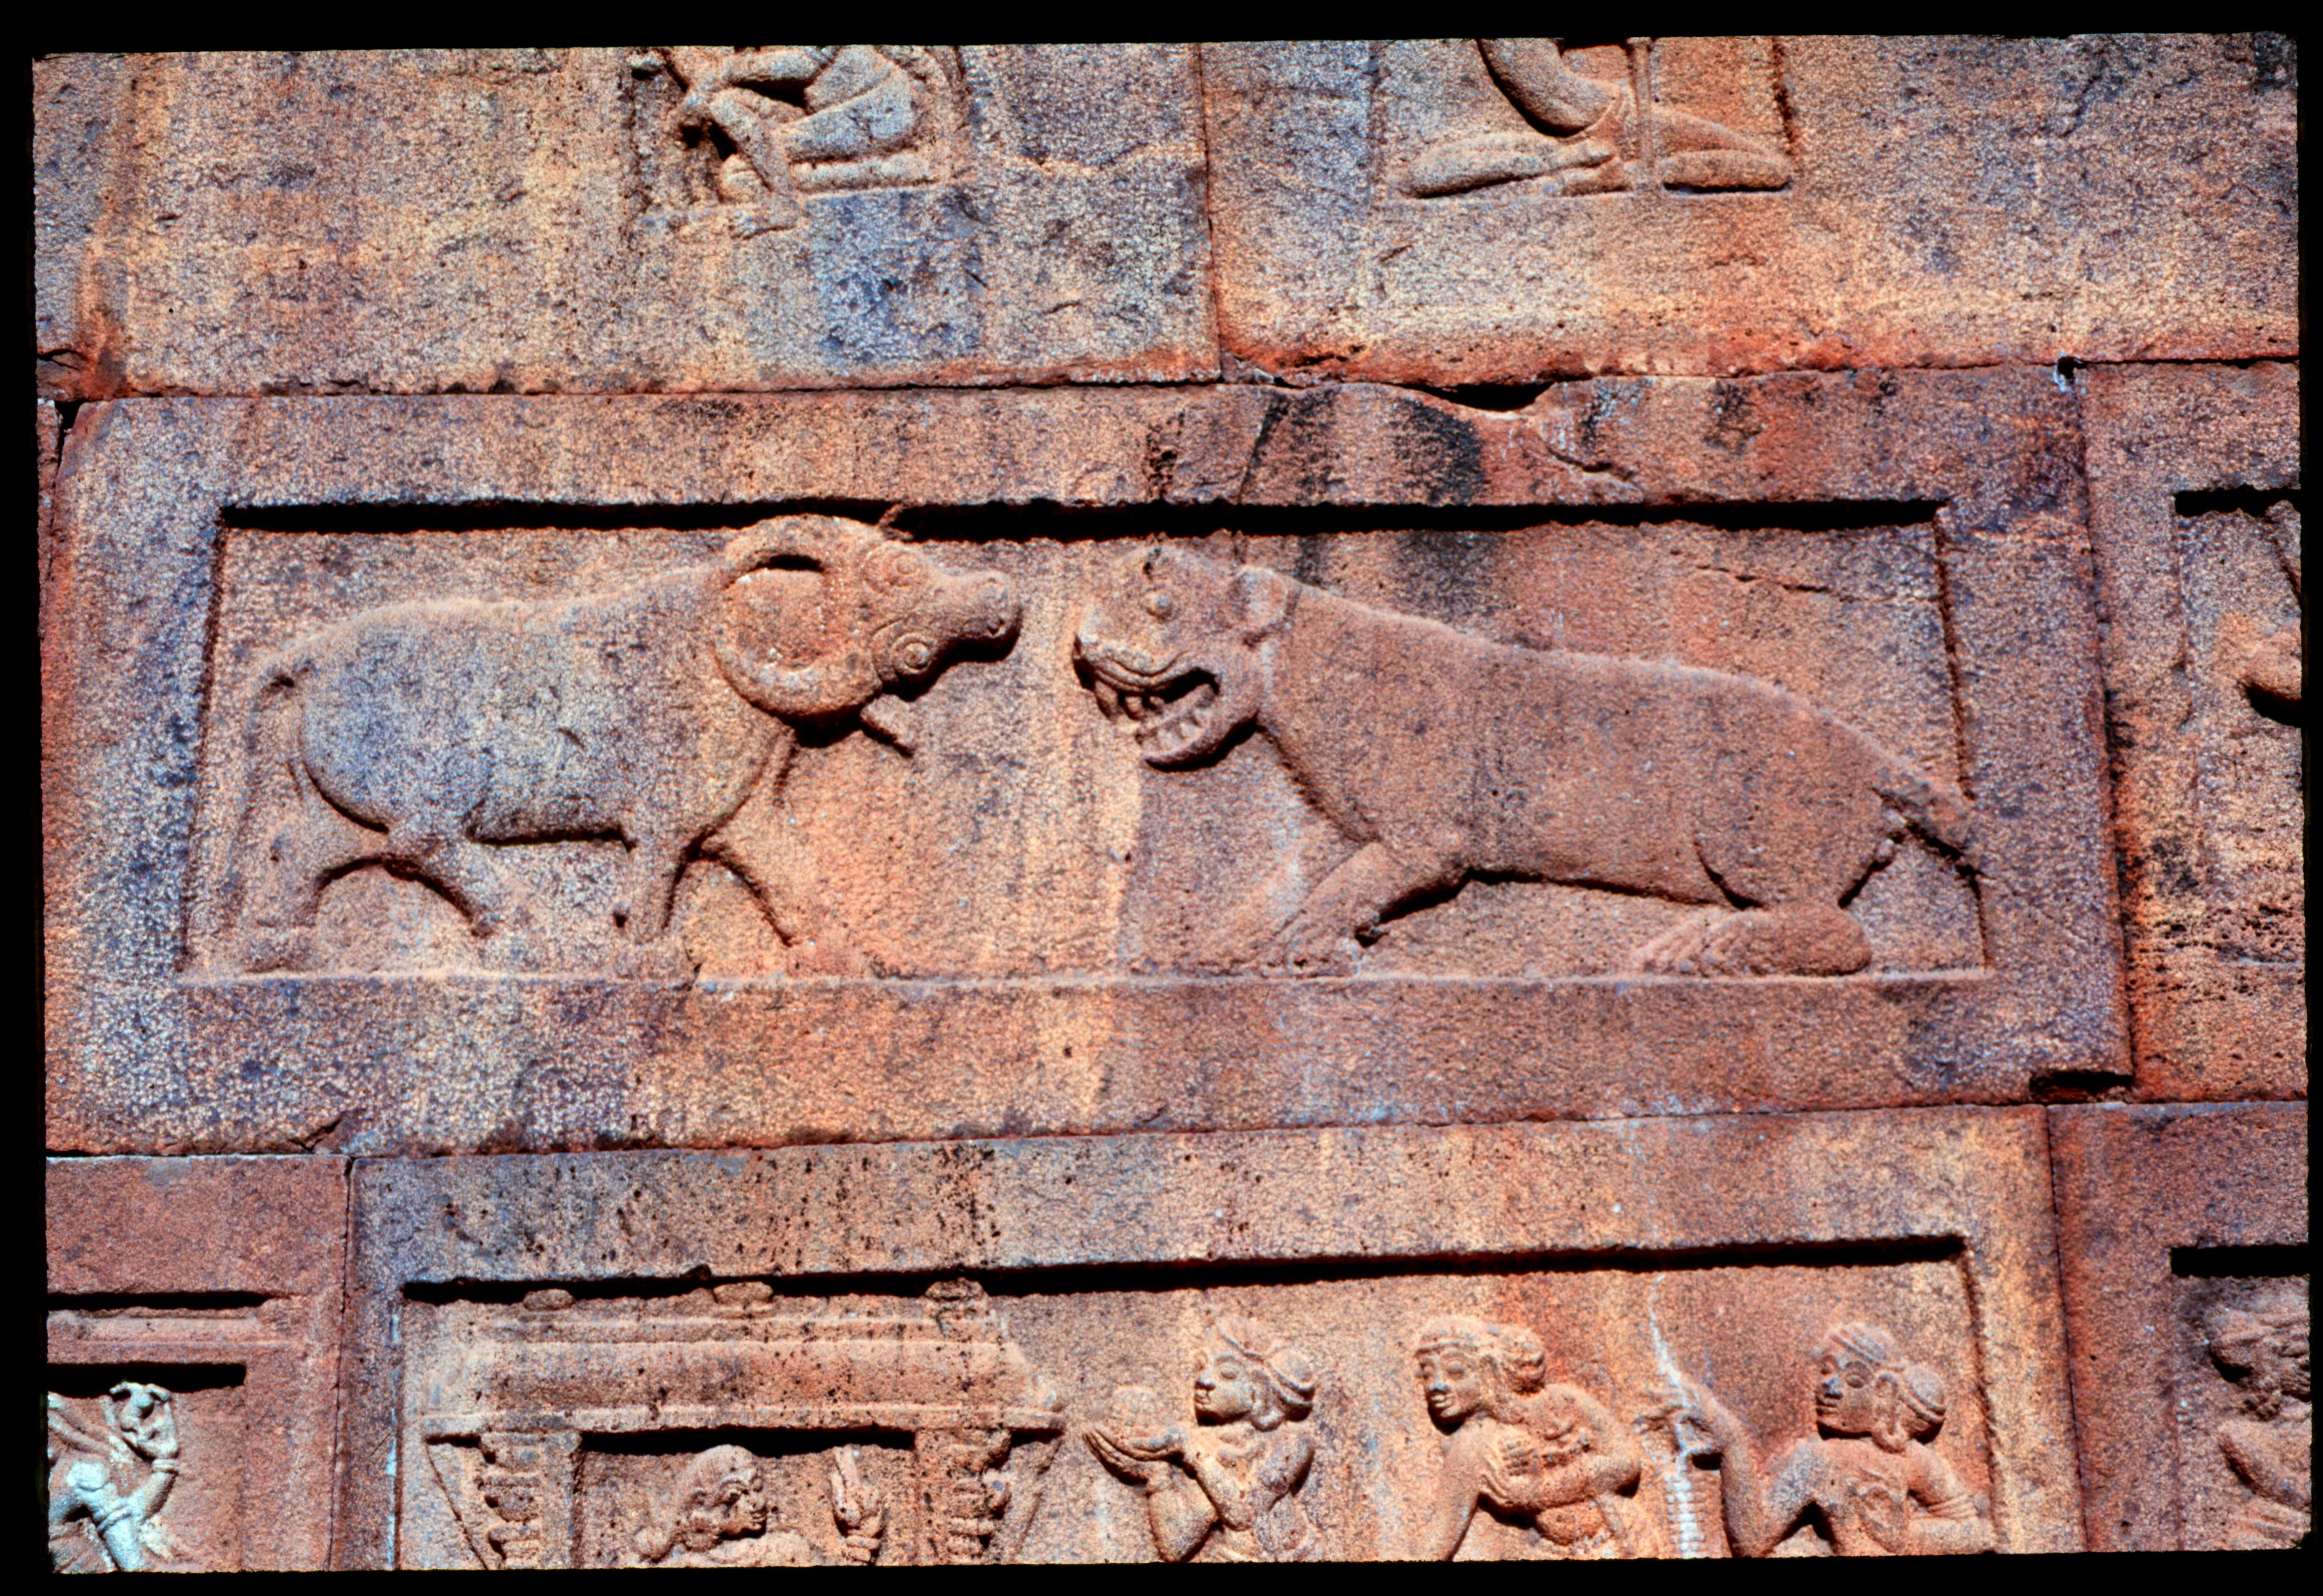 Tiger and buffalo through human history